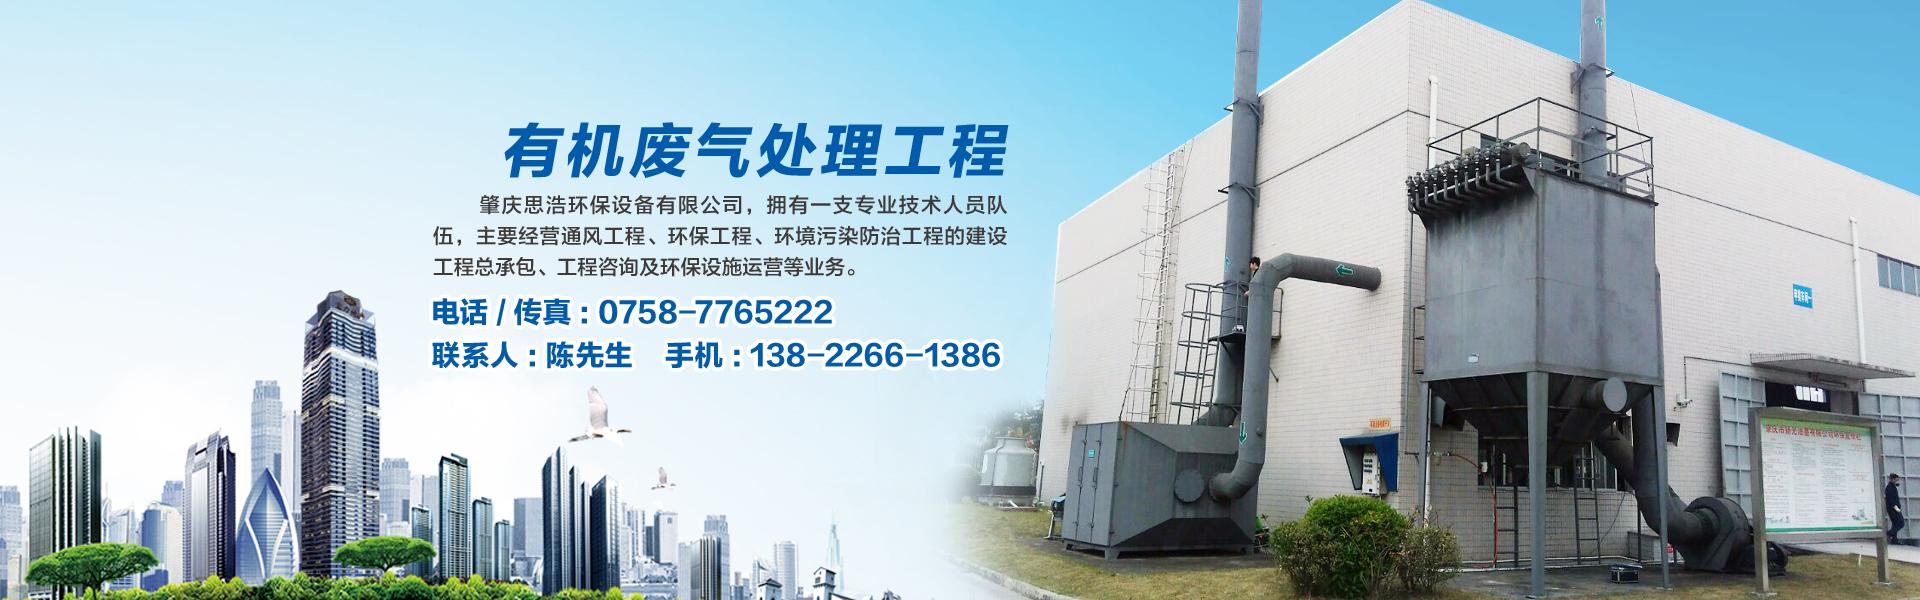 肇慶思浩環保設備有限公司承接廣東省范圍內的廢氣處理、粉塵處理、污水處理等環保治理工程。